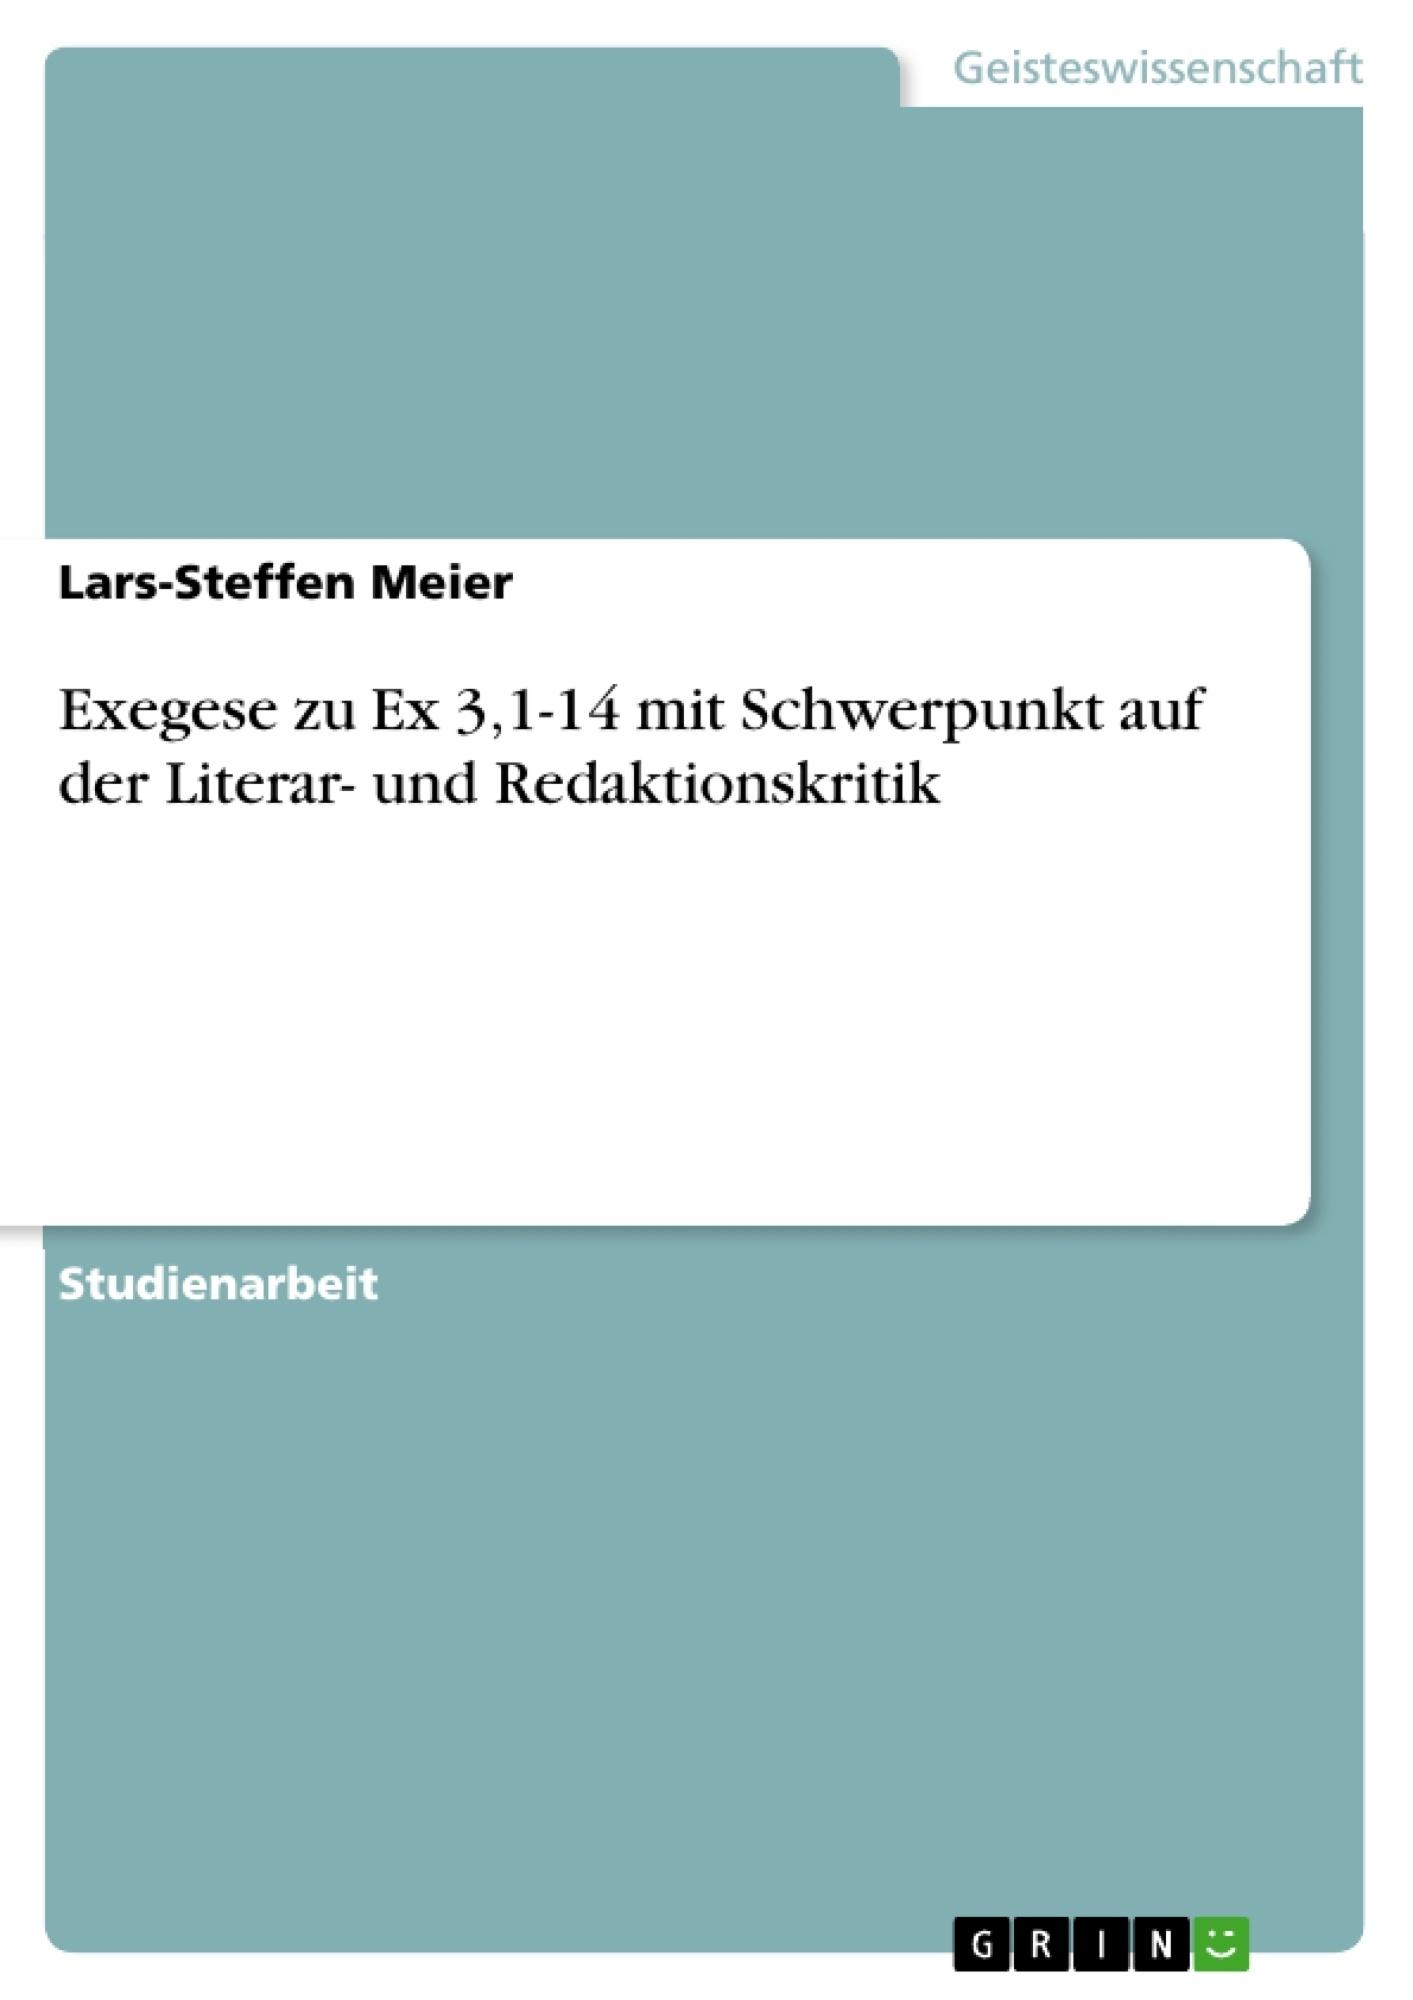 Titel: Exegese zu Ex 3,1-14 mit Schwerpunkt auf der Literar- und Redaktionskritik